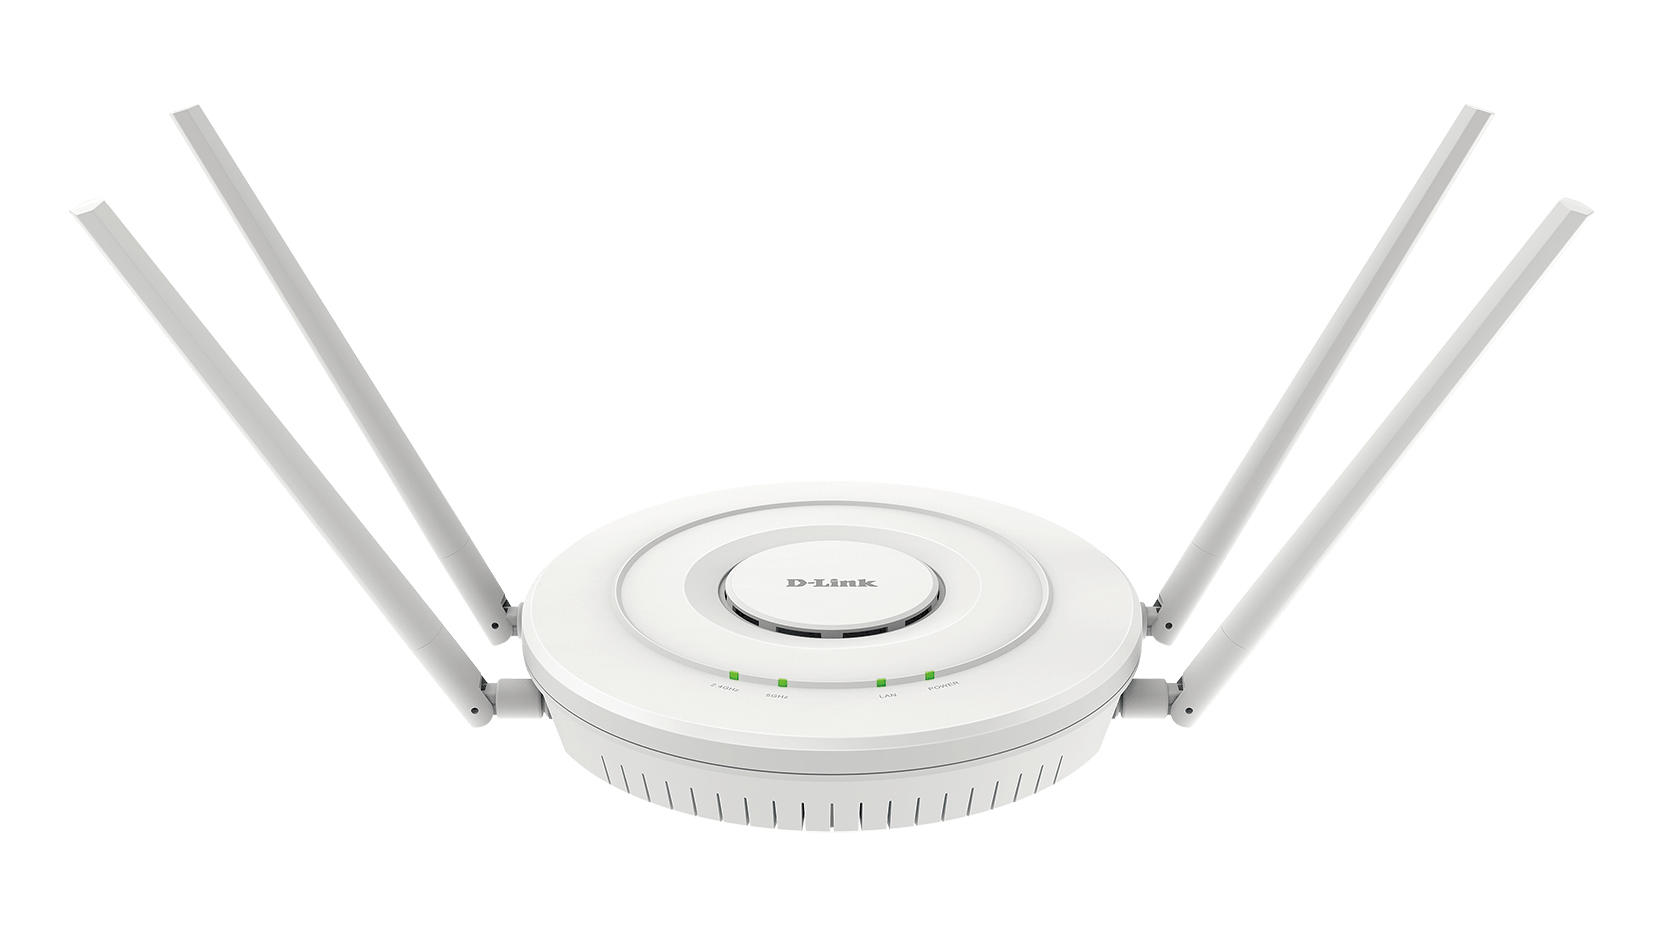 D-Link DWL-6610APE 1200Mbit-s Power over Ethernet (PoE) Wit WLAN toegangspunt